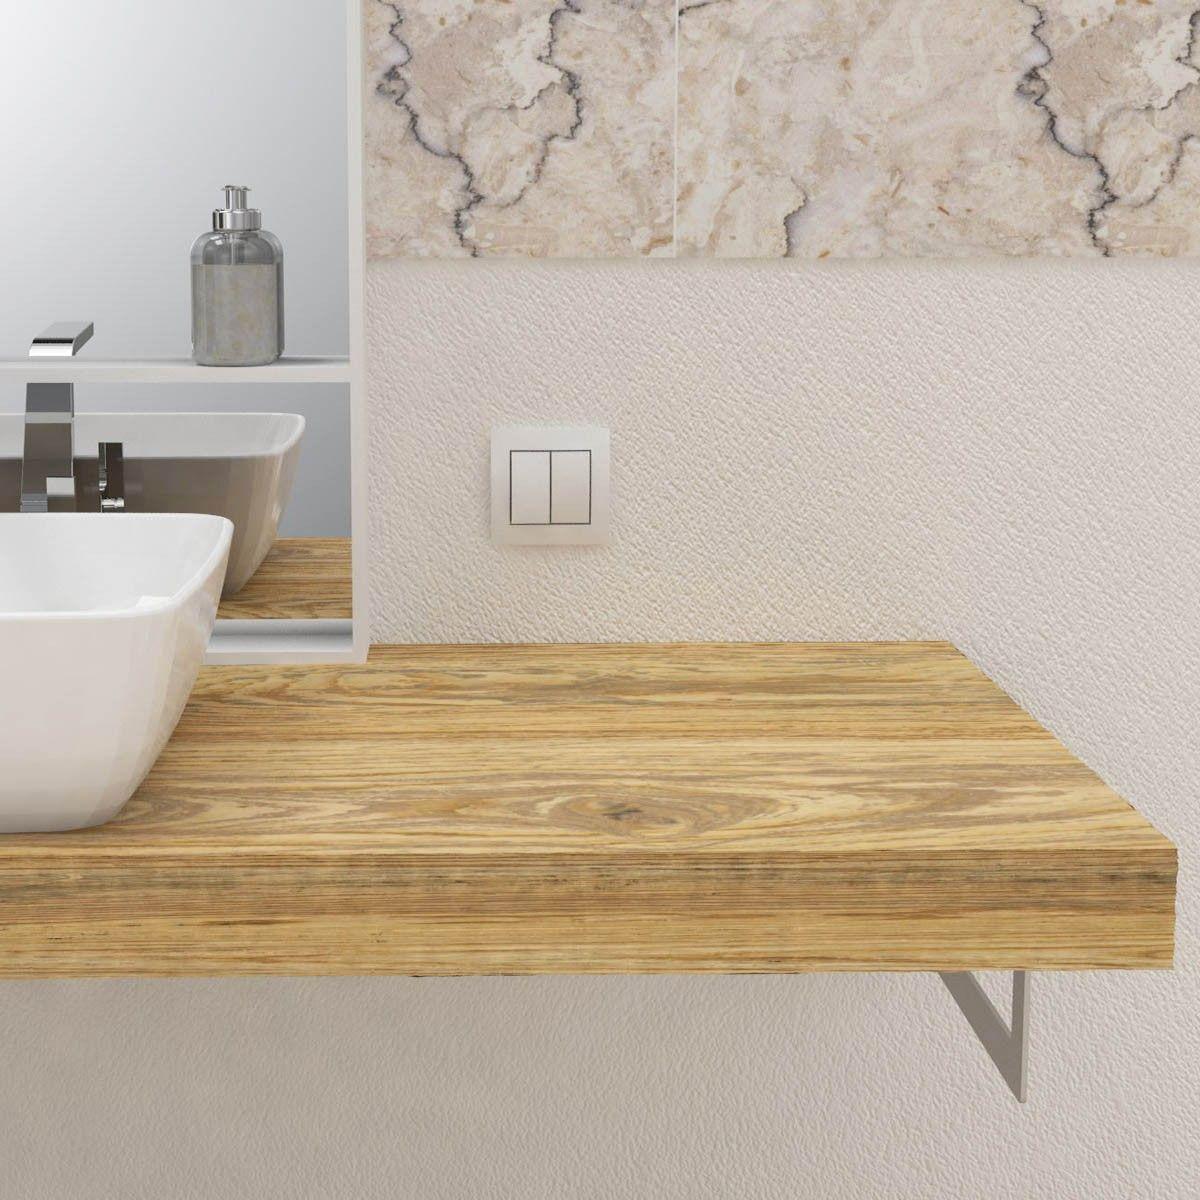 Mensola per lavabo in legno massello nel 2019 mensole for Vendita online mobili bagno